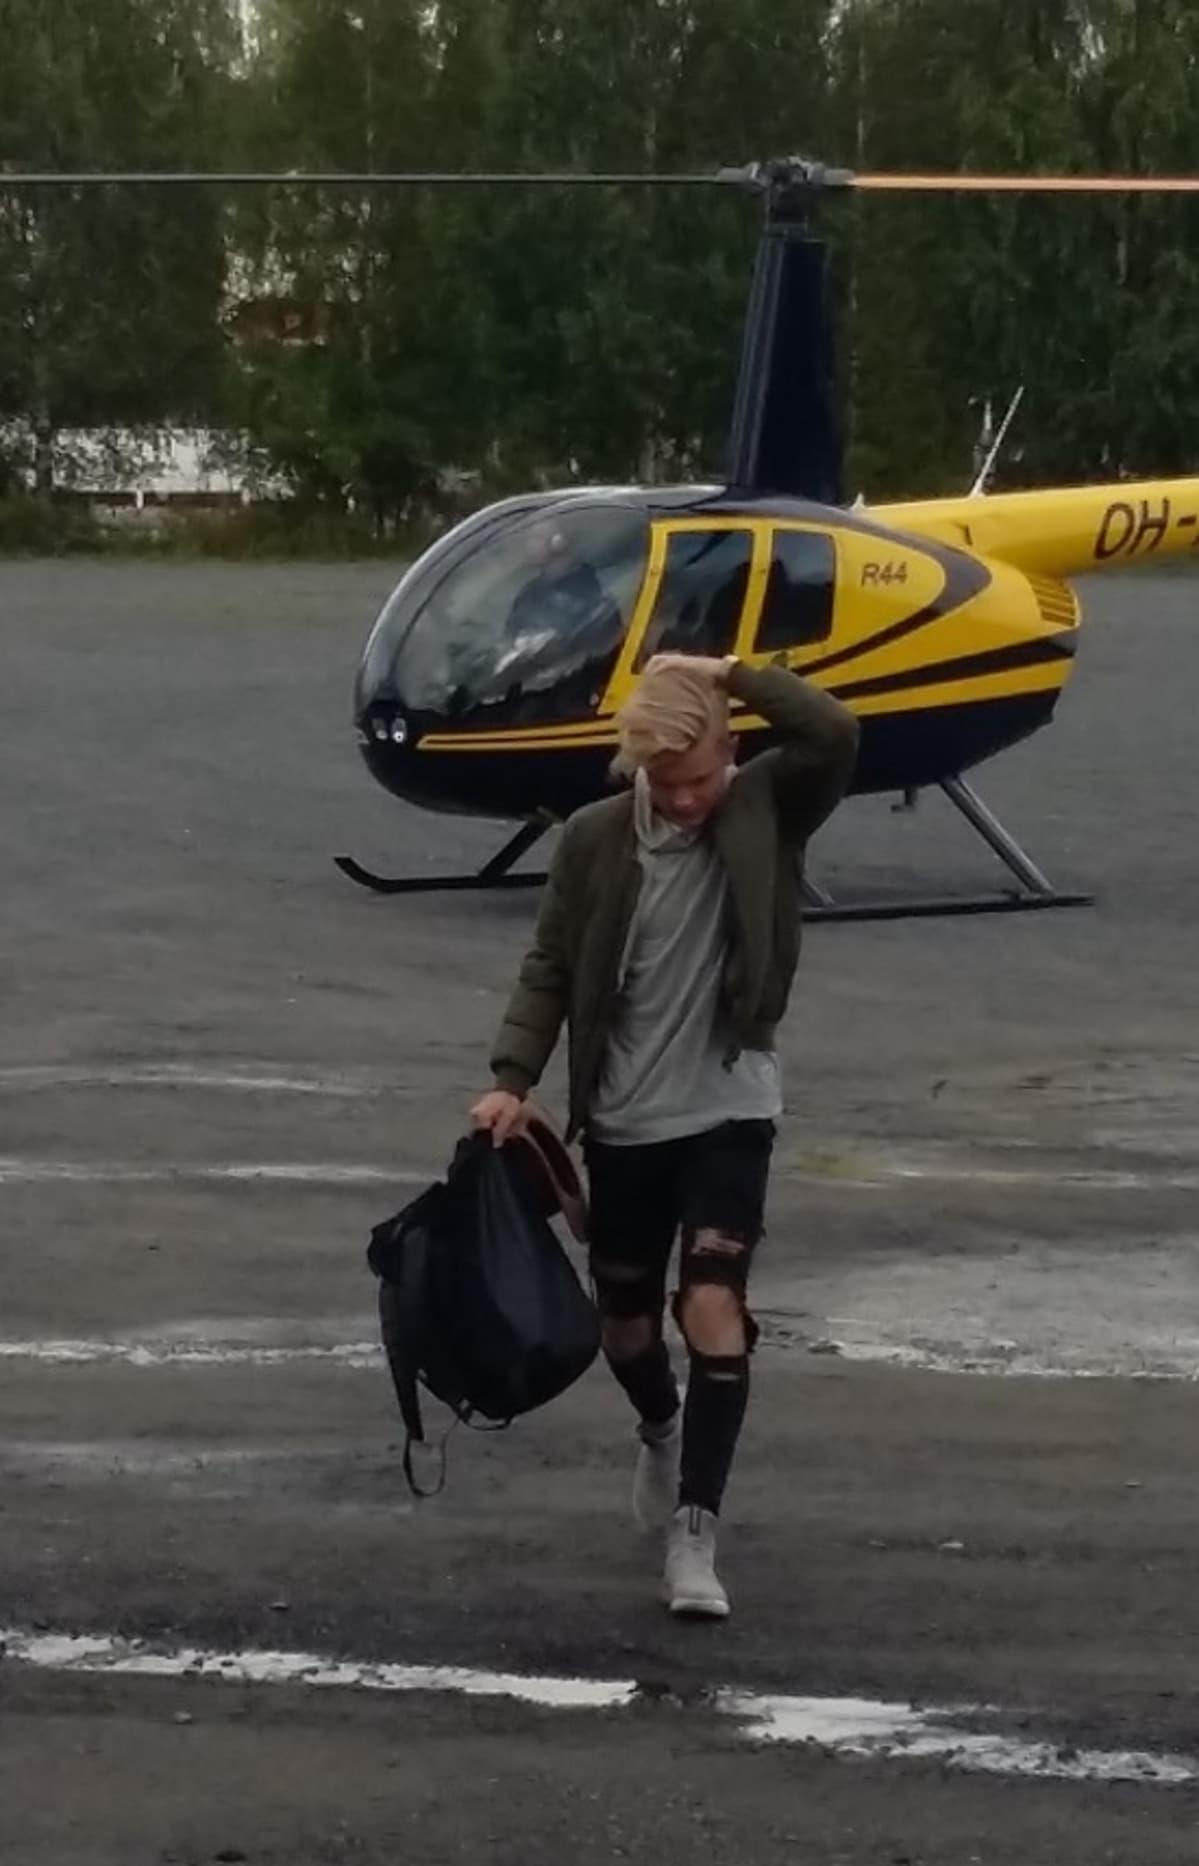 Benjamin ja helikopteri